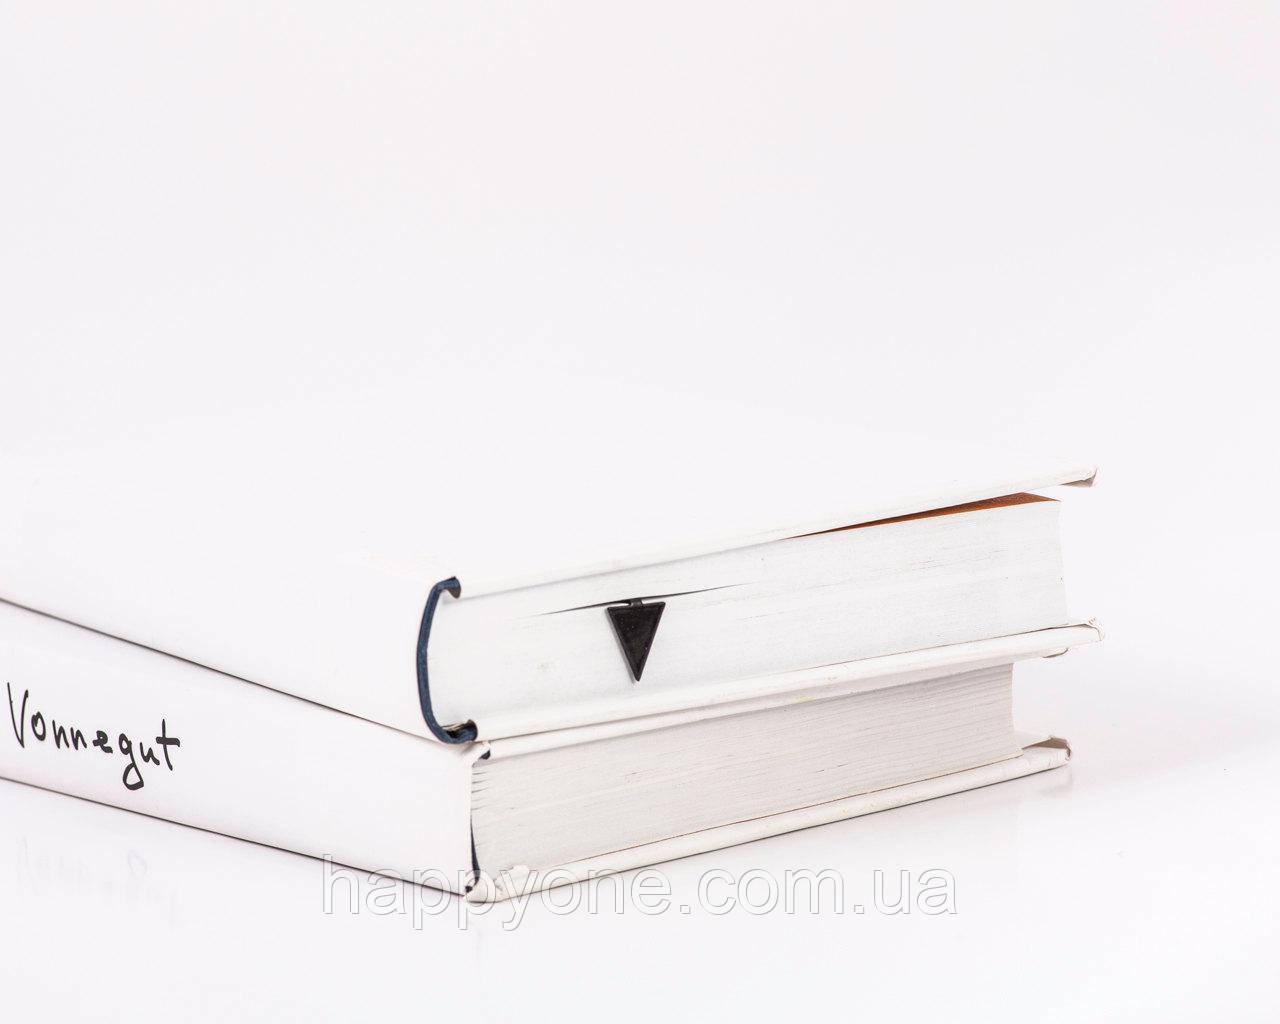 Закладка для книг Треугольник